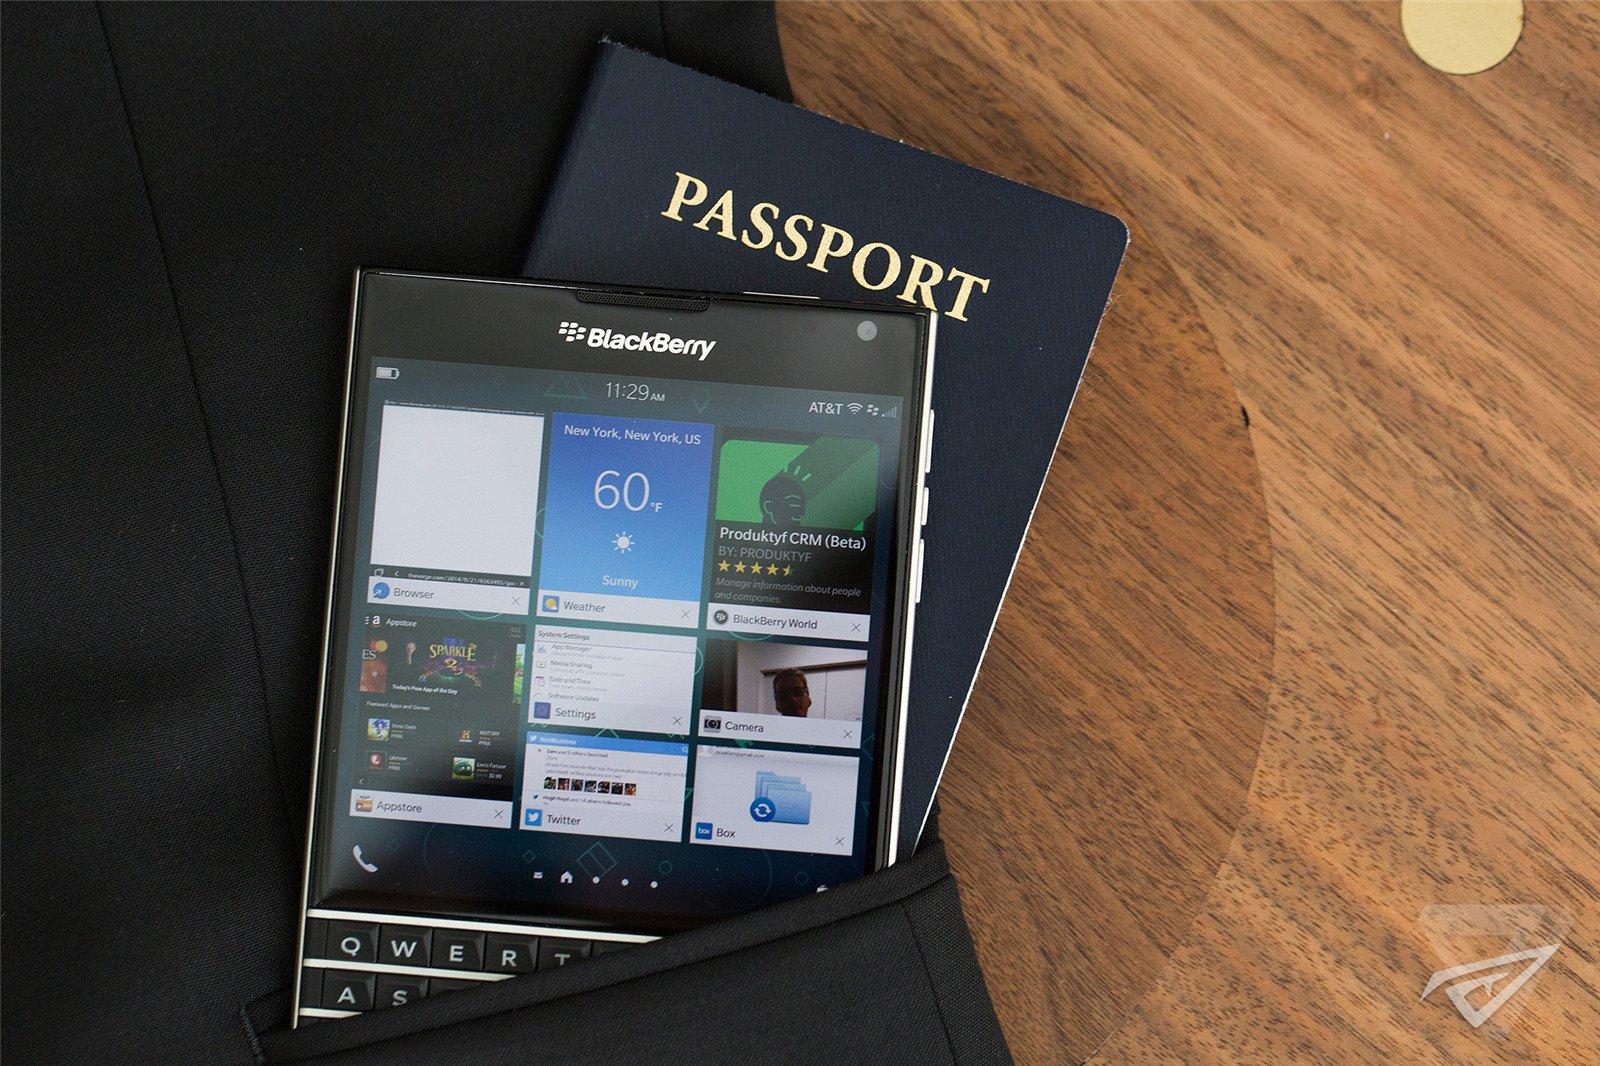 黑莓Passport(护照)图来自the verge